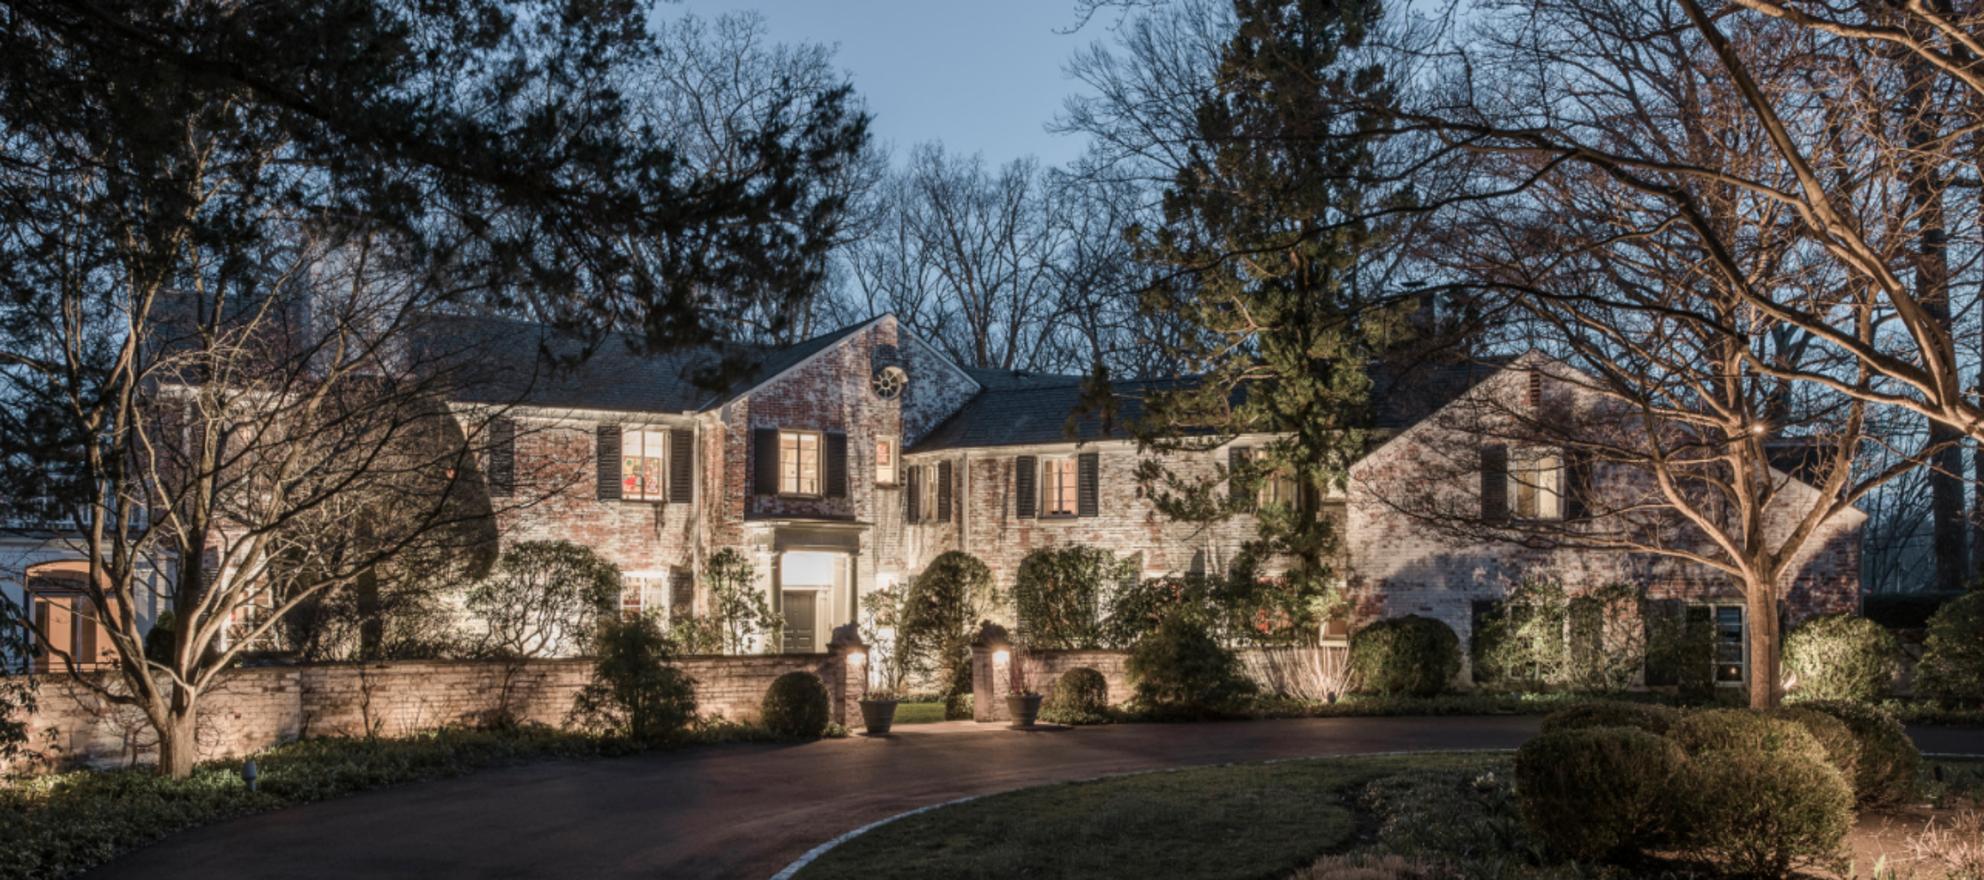 Paul Simon lists Connecticut estate for $13.9M